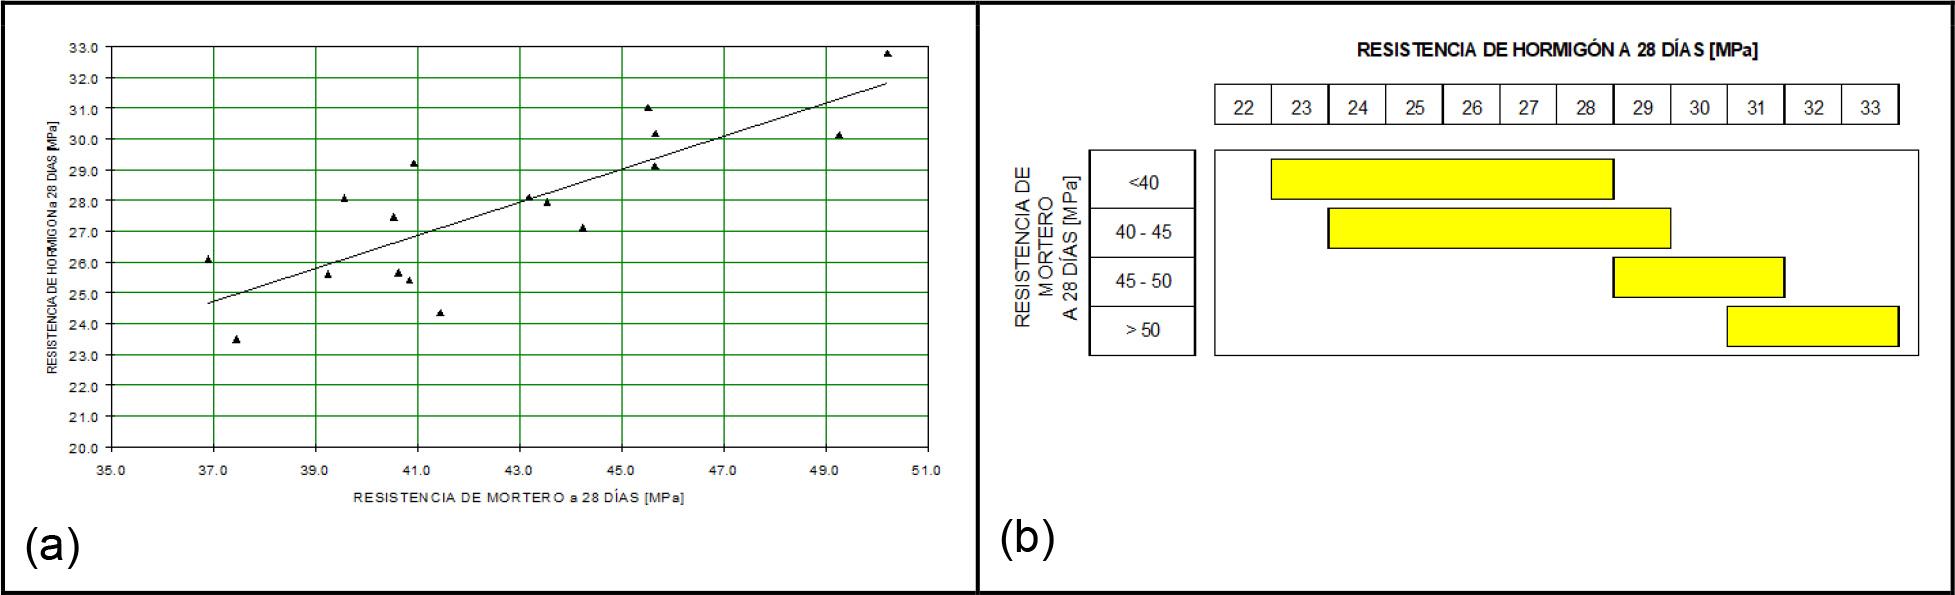 Figuras 2 (a) y (b) - Relación Resistencia de mortero - Resistencia de hormigón. Obtenidas a partir de un mismo hormigón de laboratorio, con a/c variable entre 0,55 y 0,58 y diferentes tipos de cemento. (Ref. 3)